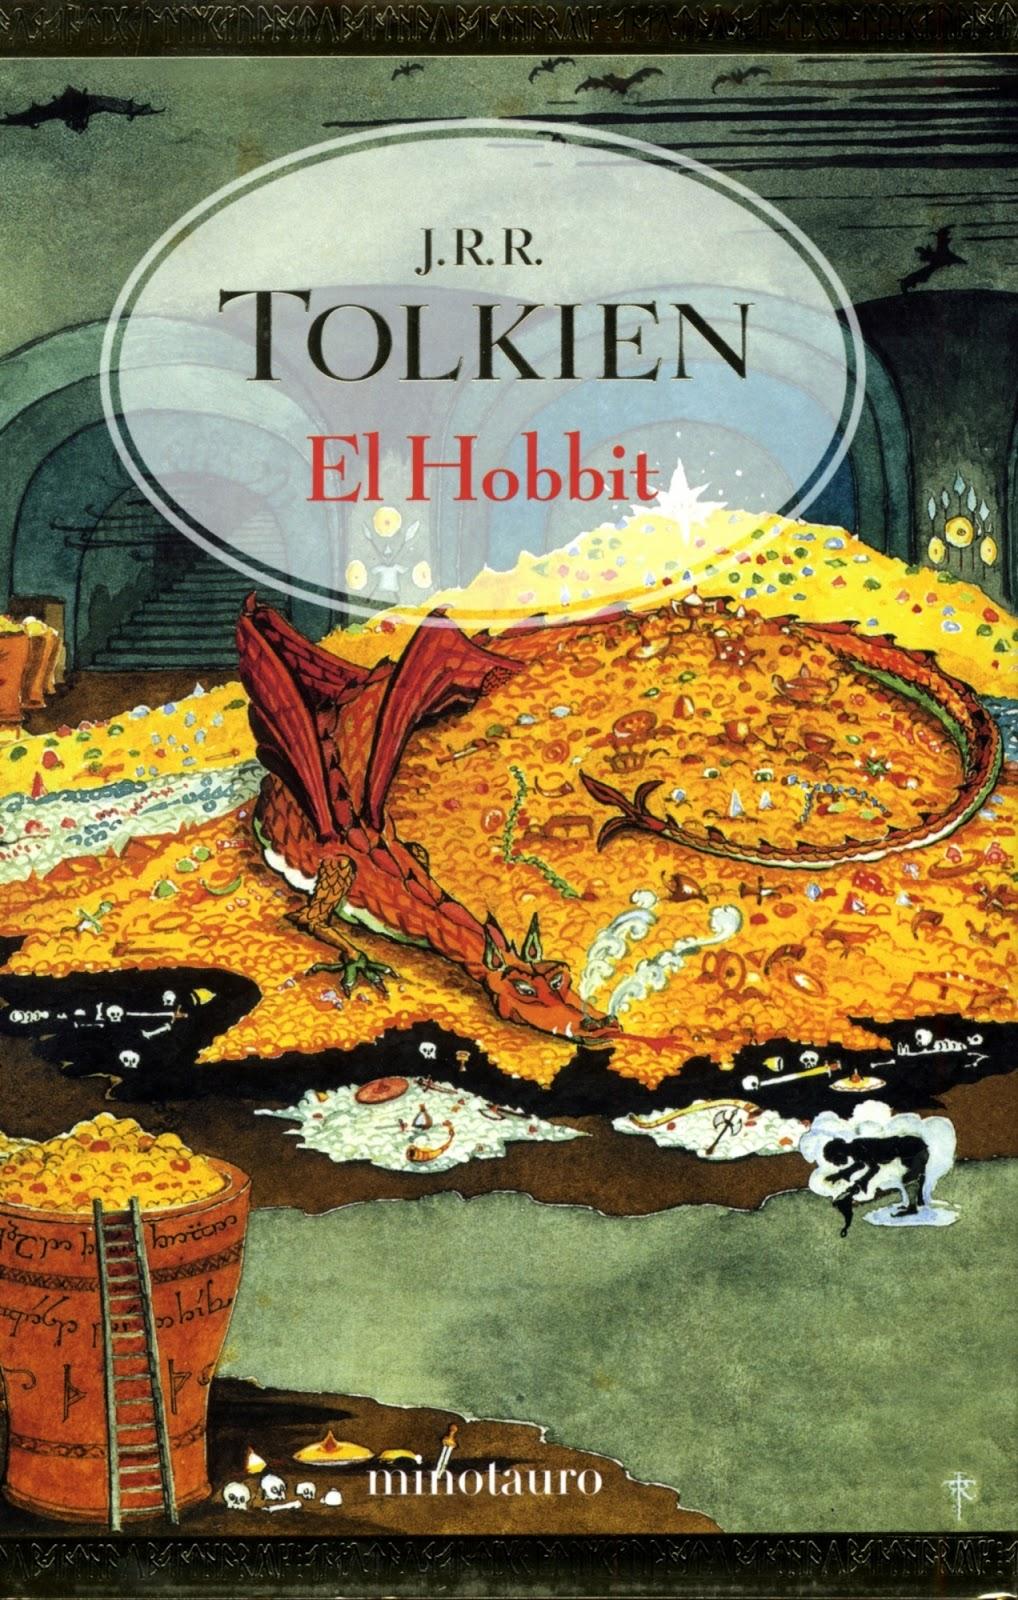 hobbit j r r tolkien John ronald reuel tolkien, plus communément nommé jrr tolkien, est un écrivain, poète et professeur à oxford, né en afrique du sud le 3 janvier 1892, mais ayant vécu la plus grande part de sa vie en angleterre.